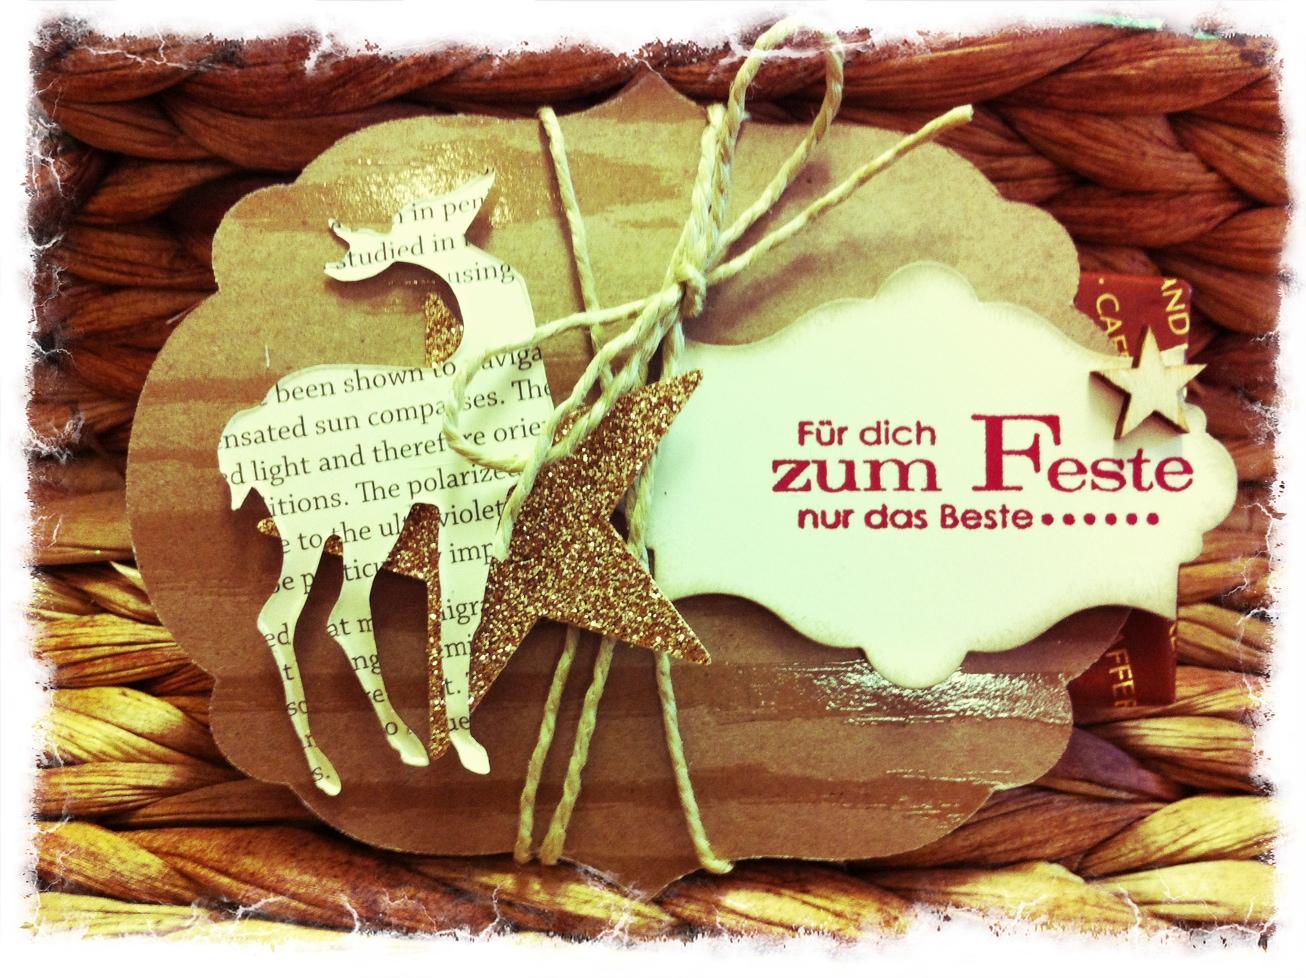 Weihnachtsmarkt2012- Bild7